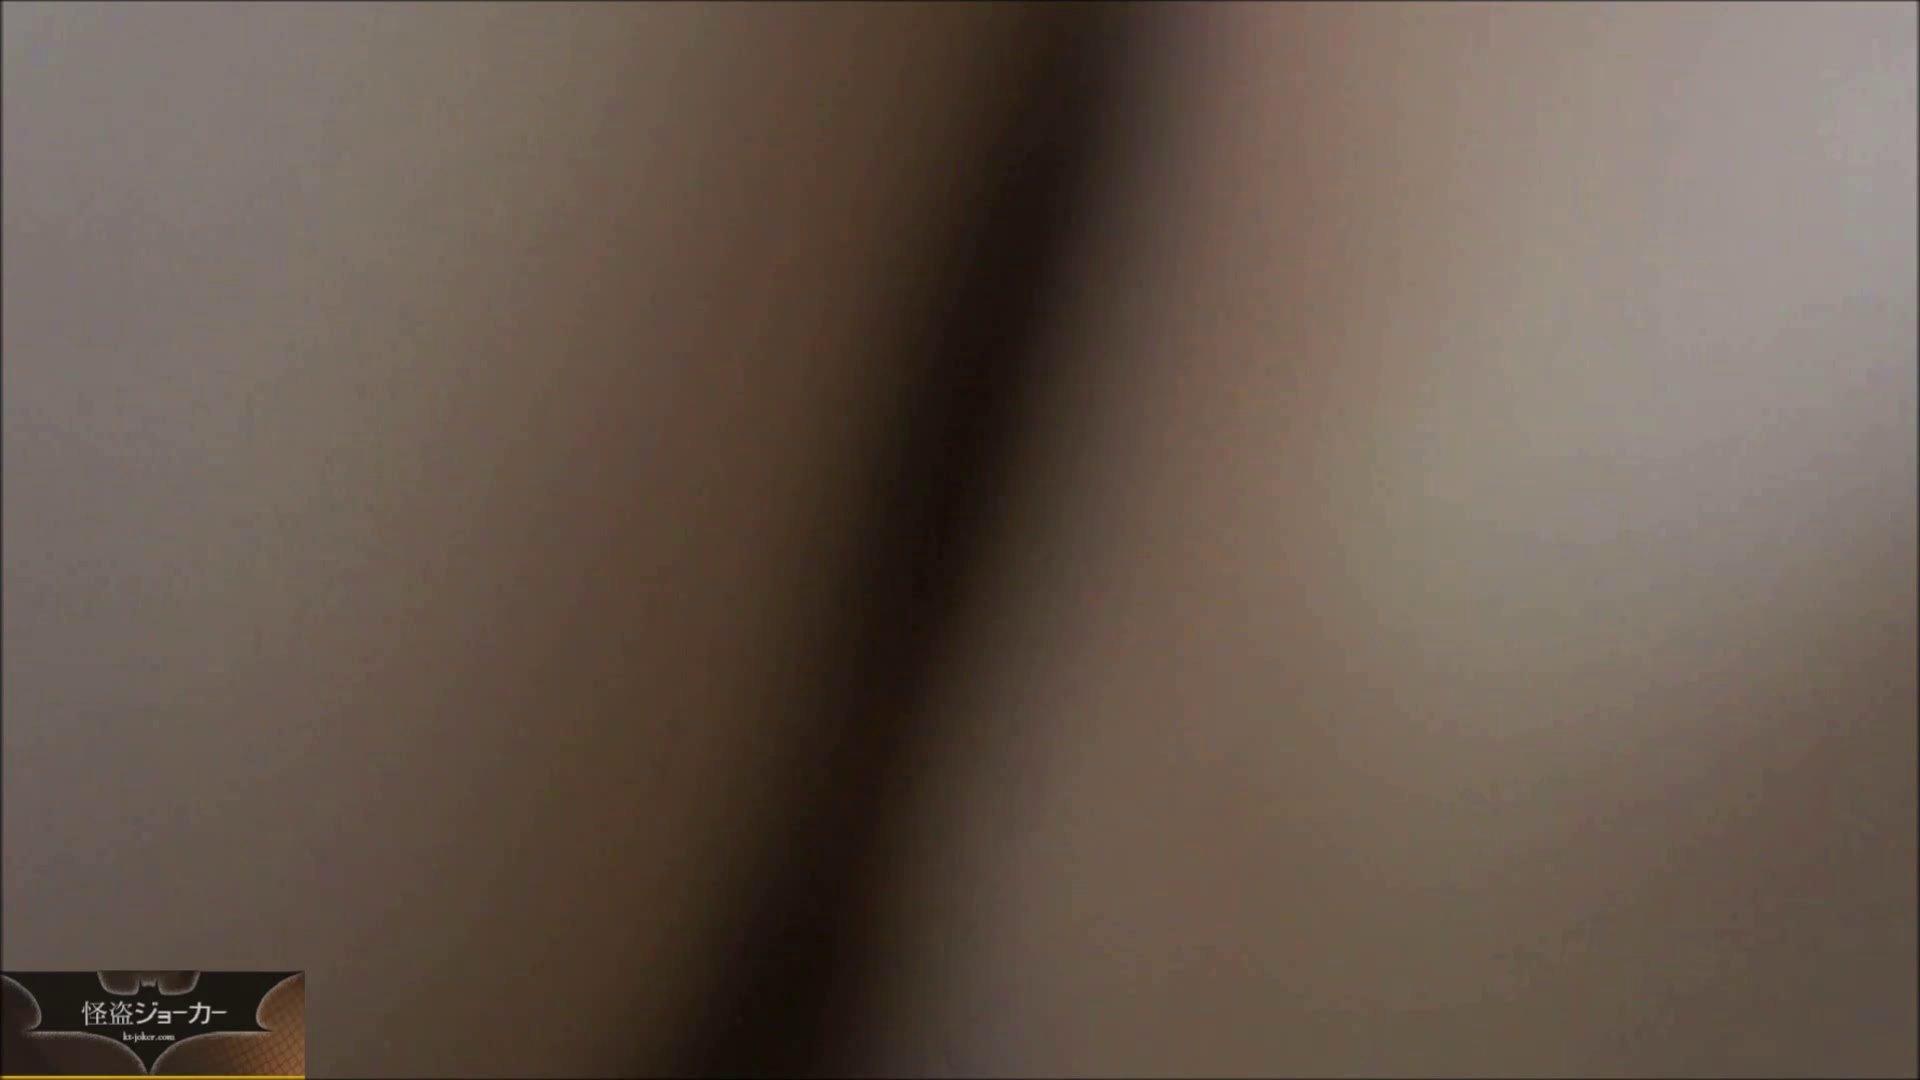 【未公開】vol.23 ユリナ、寝取られのアト。 OLハメ撮り  107Pix 91